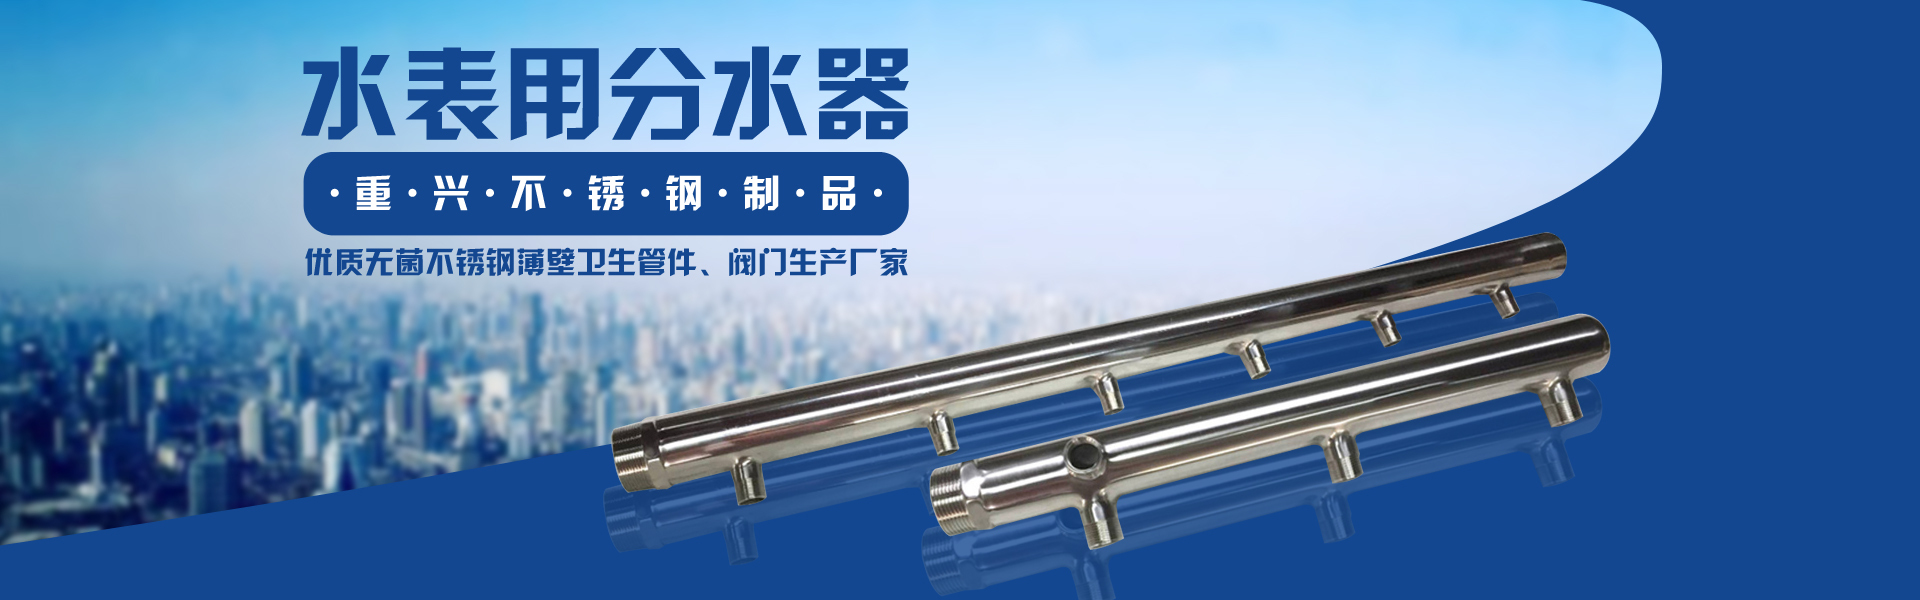 重兴不锈钢制品有限公司专业生产不锈钢分水器,是一家优质无菌不锈钢薄壁卫生管件、阀门生产厂家。